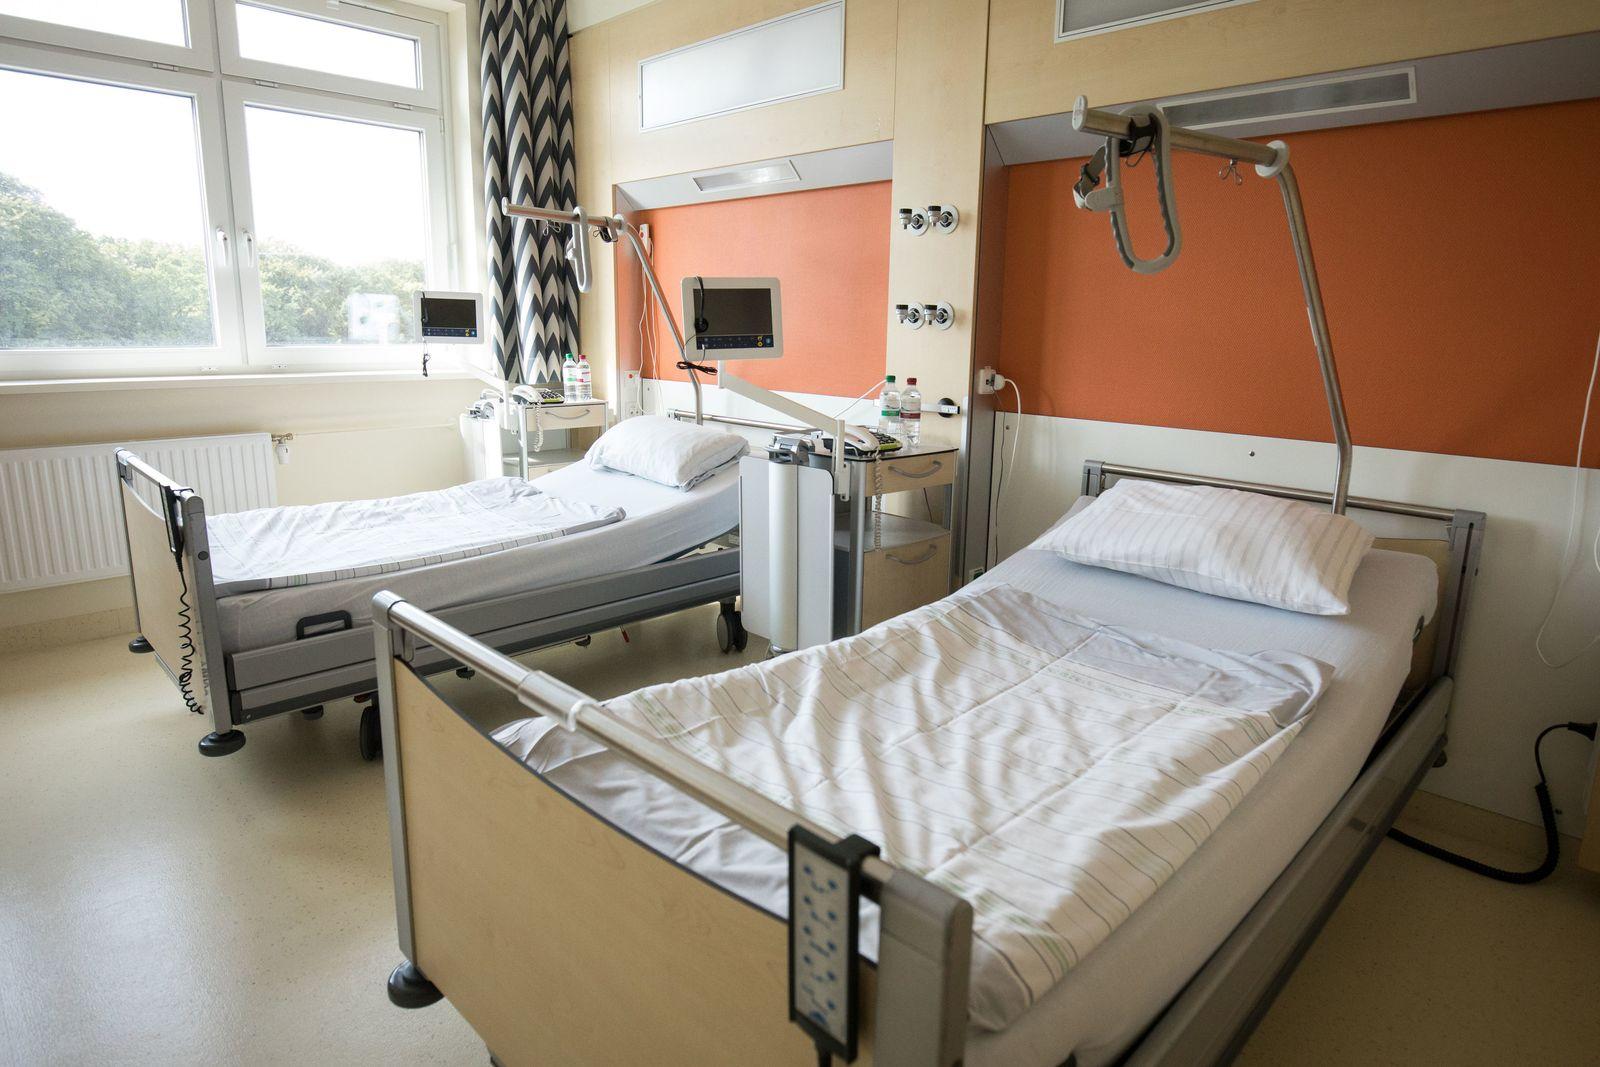 Patientenzimmer im Krankenhaus